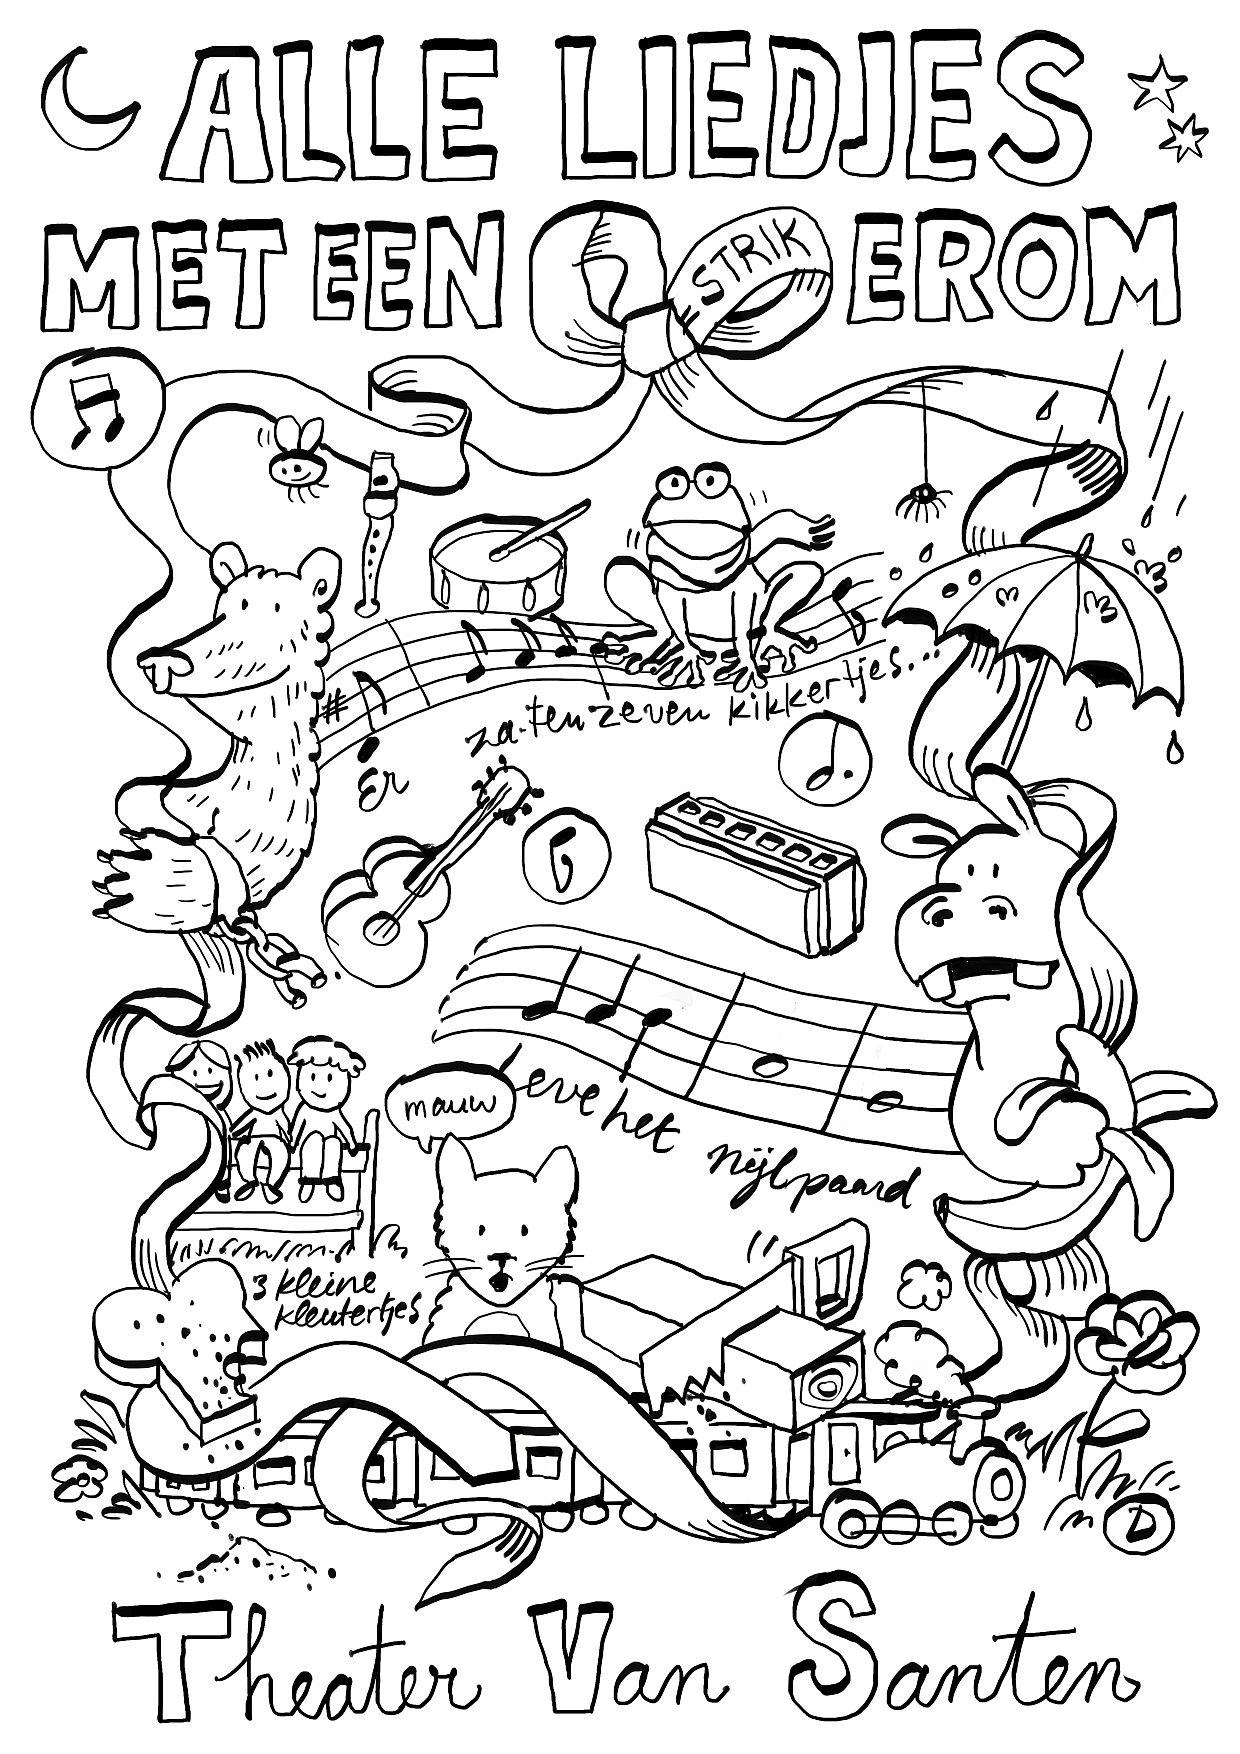 Theater Van Santen Alle Liedjes Met Een Strik Erom